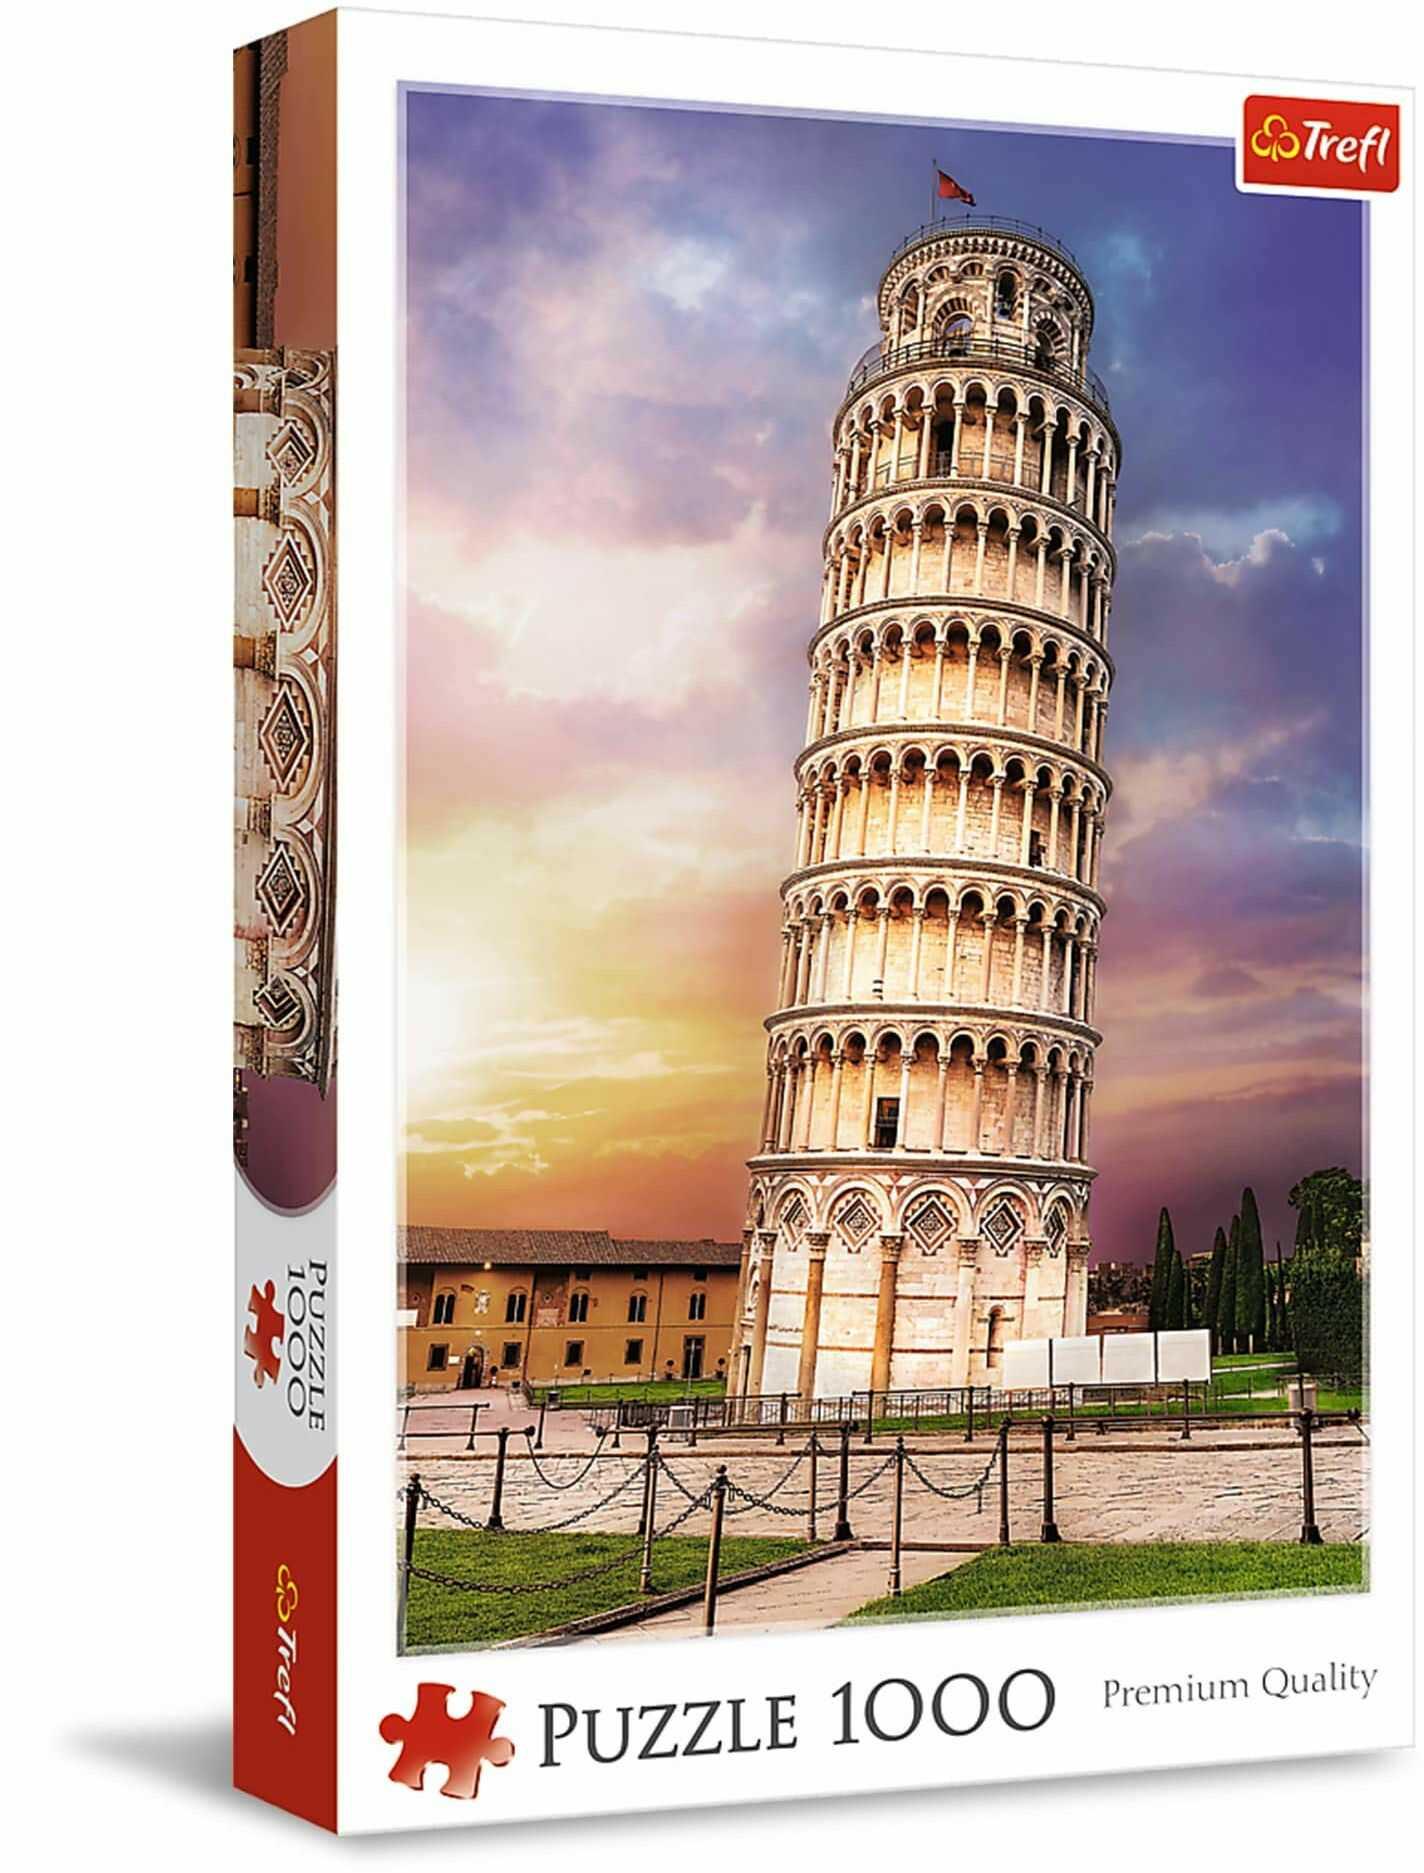 Trefl - Puzzle Wieża w Pizie - 1000 Elementów, Włochy, Widok na Dzwonnicę Katedralną, Symbol Pizy, Krzywa Wieża, Układanka DIY, Kreatywna Rozrywka, Prezent, Puzzle dla Dorosłych i Dzieci od 12 Lat